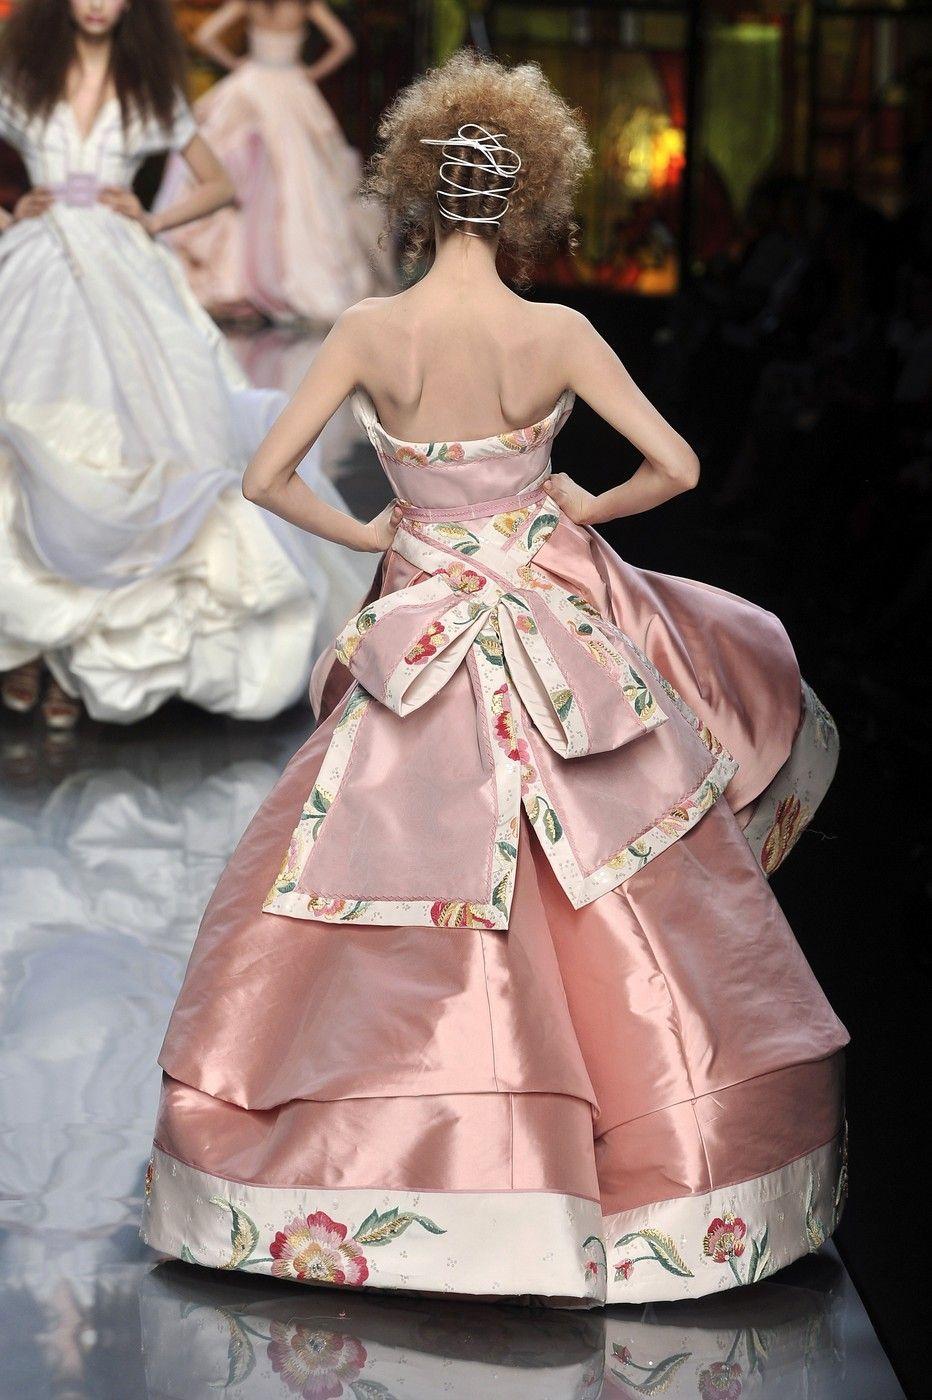 Christian Dior at Couture Spring 2009 | Moda estilo, Cabello y Estilo